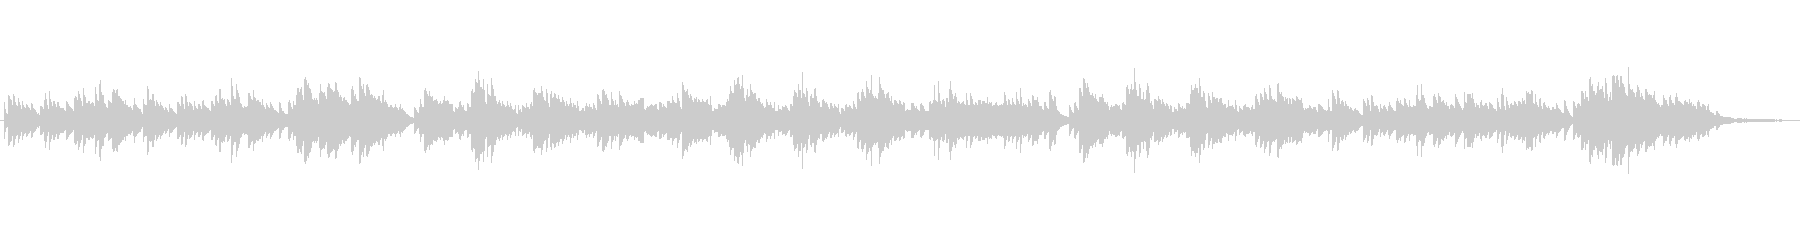 ノスタルジックで透明感のあるピアノソロの未再生の波形